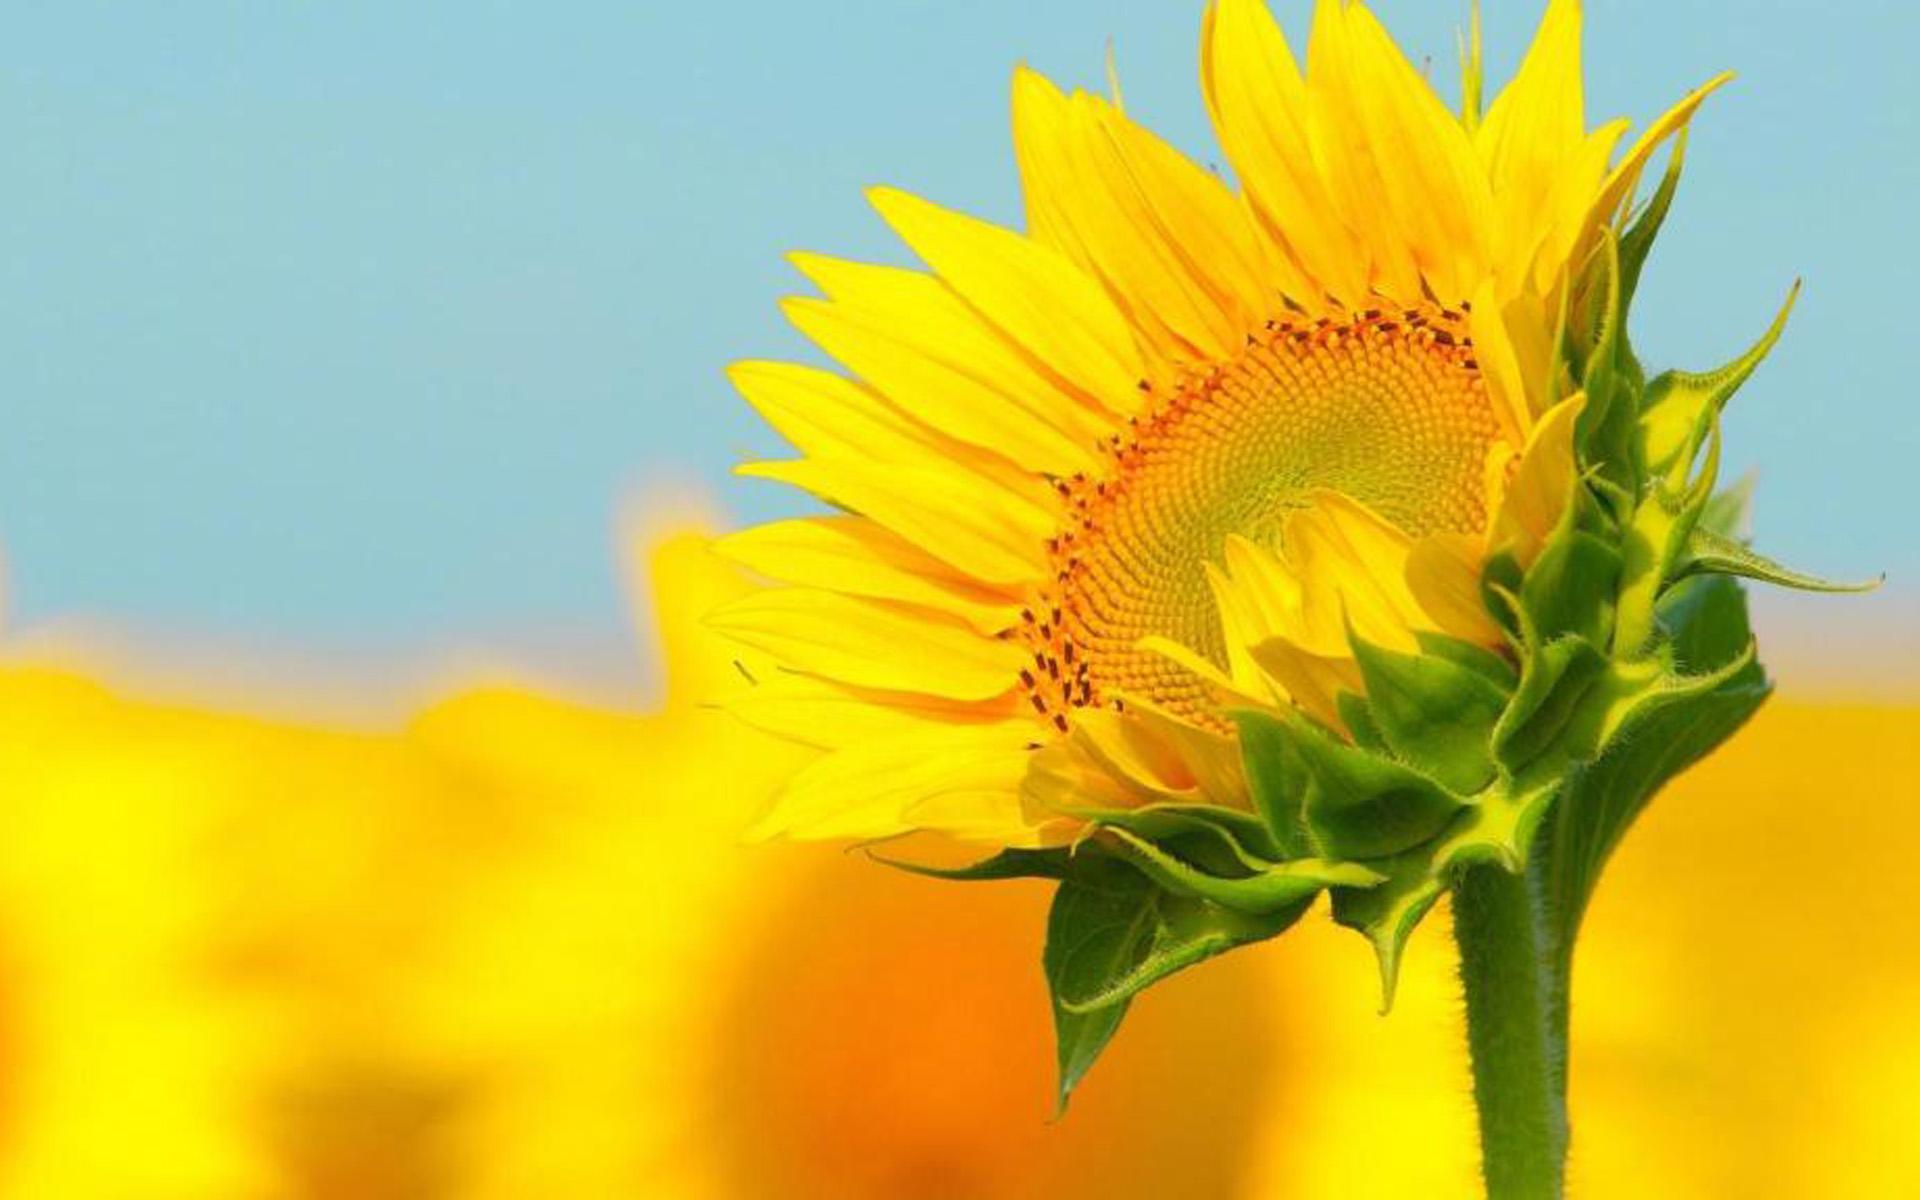 阳光唯美向日葵植物花卉高清桌面壁纸